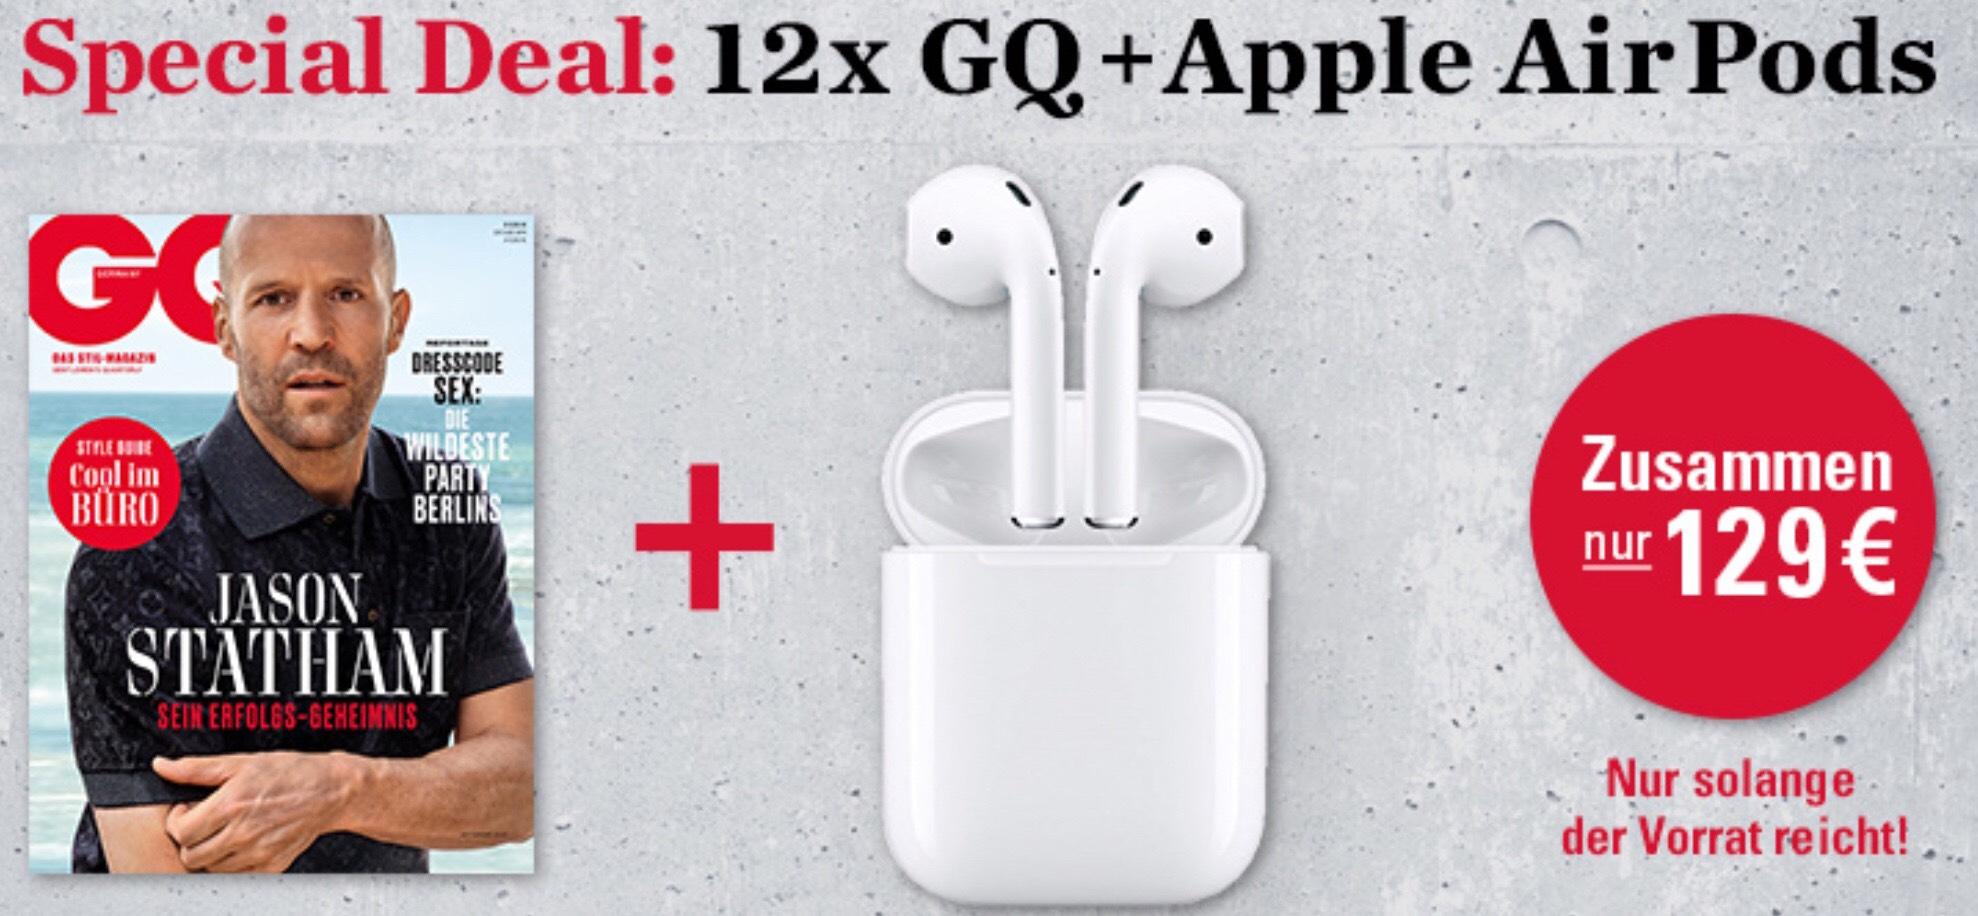 Apple AirPods inkl. 12 Monatsabo GQ für 129,-€